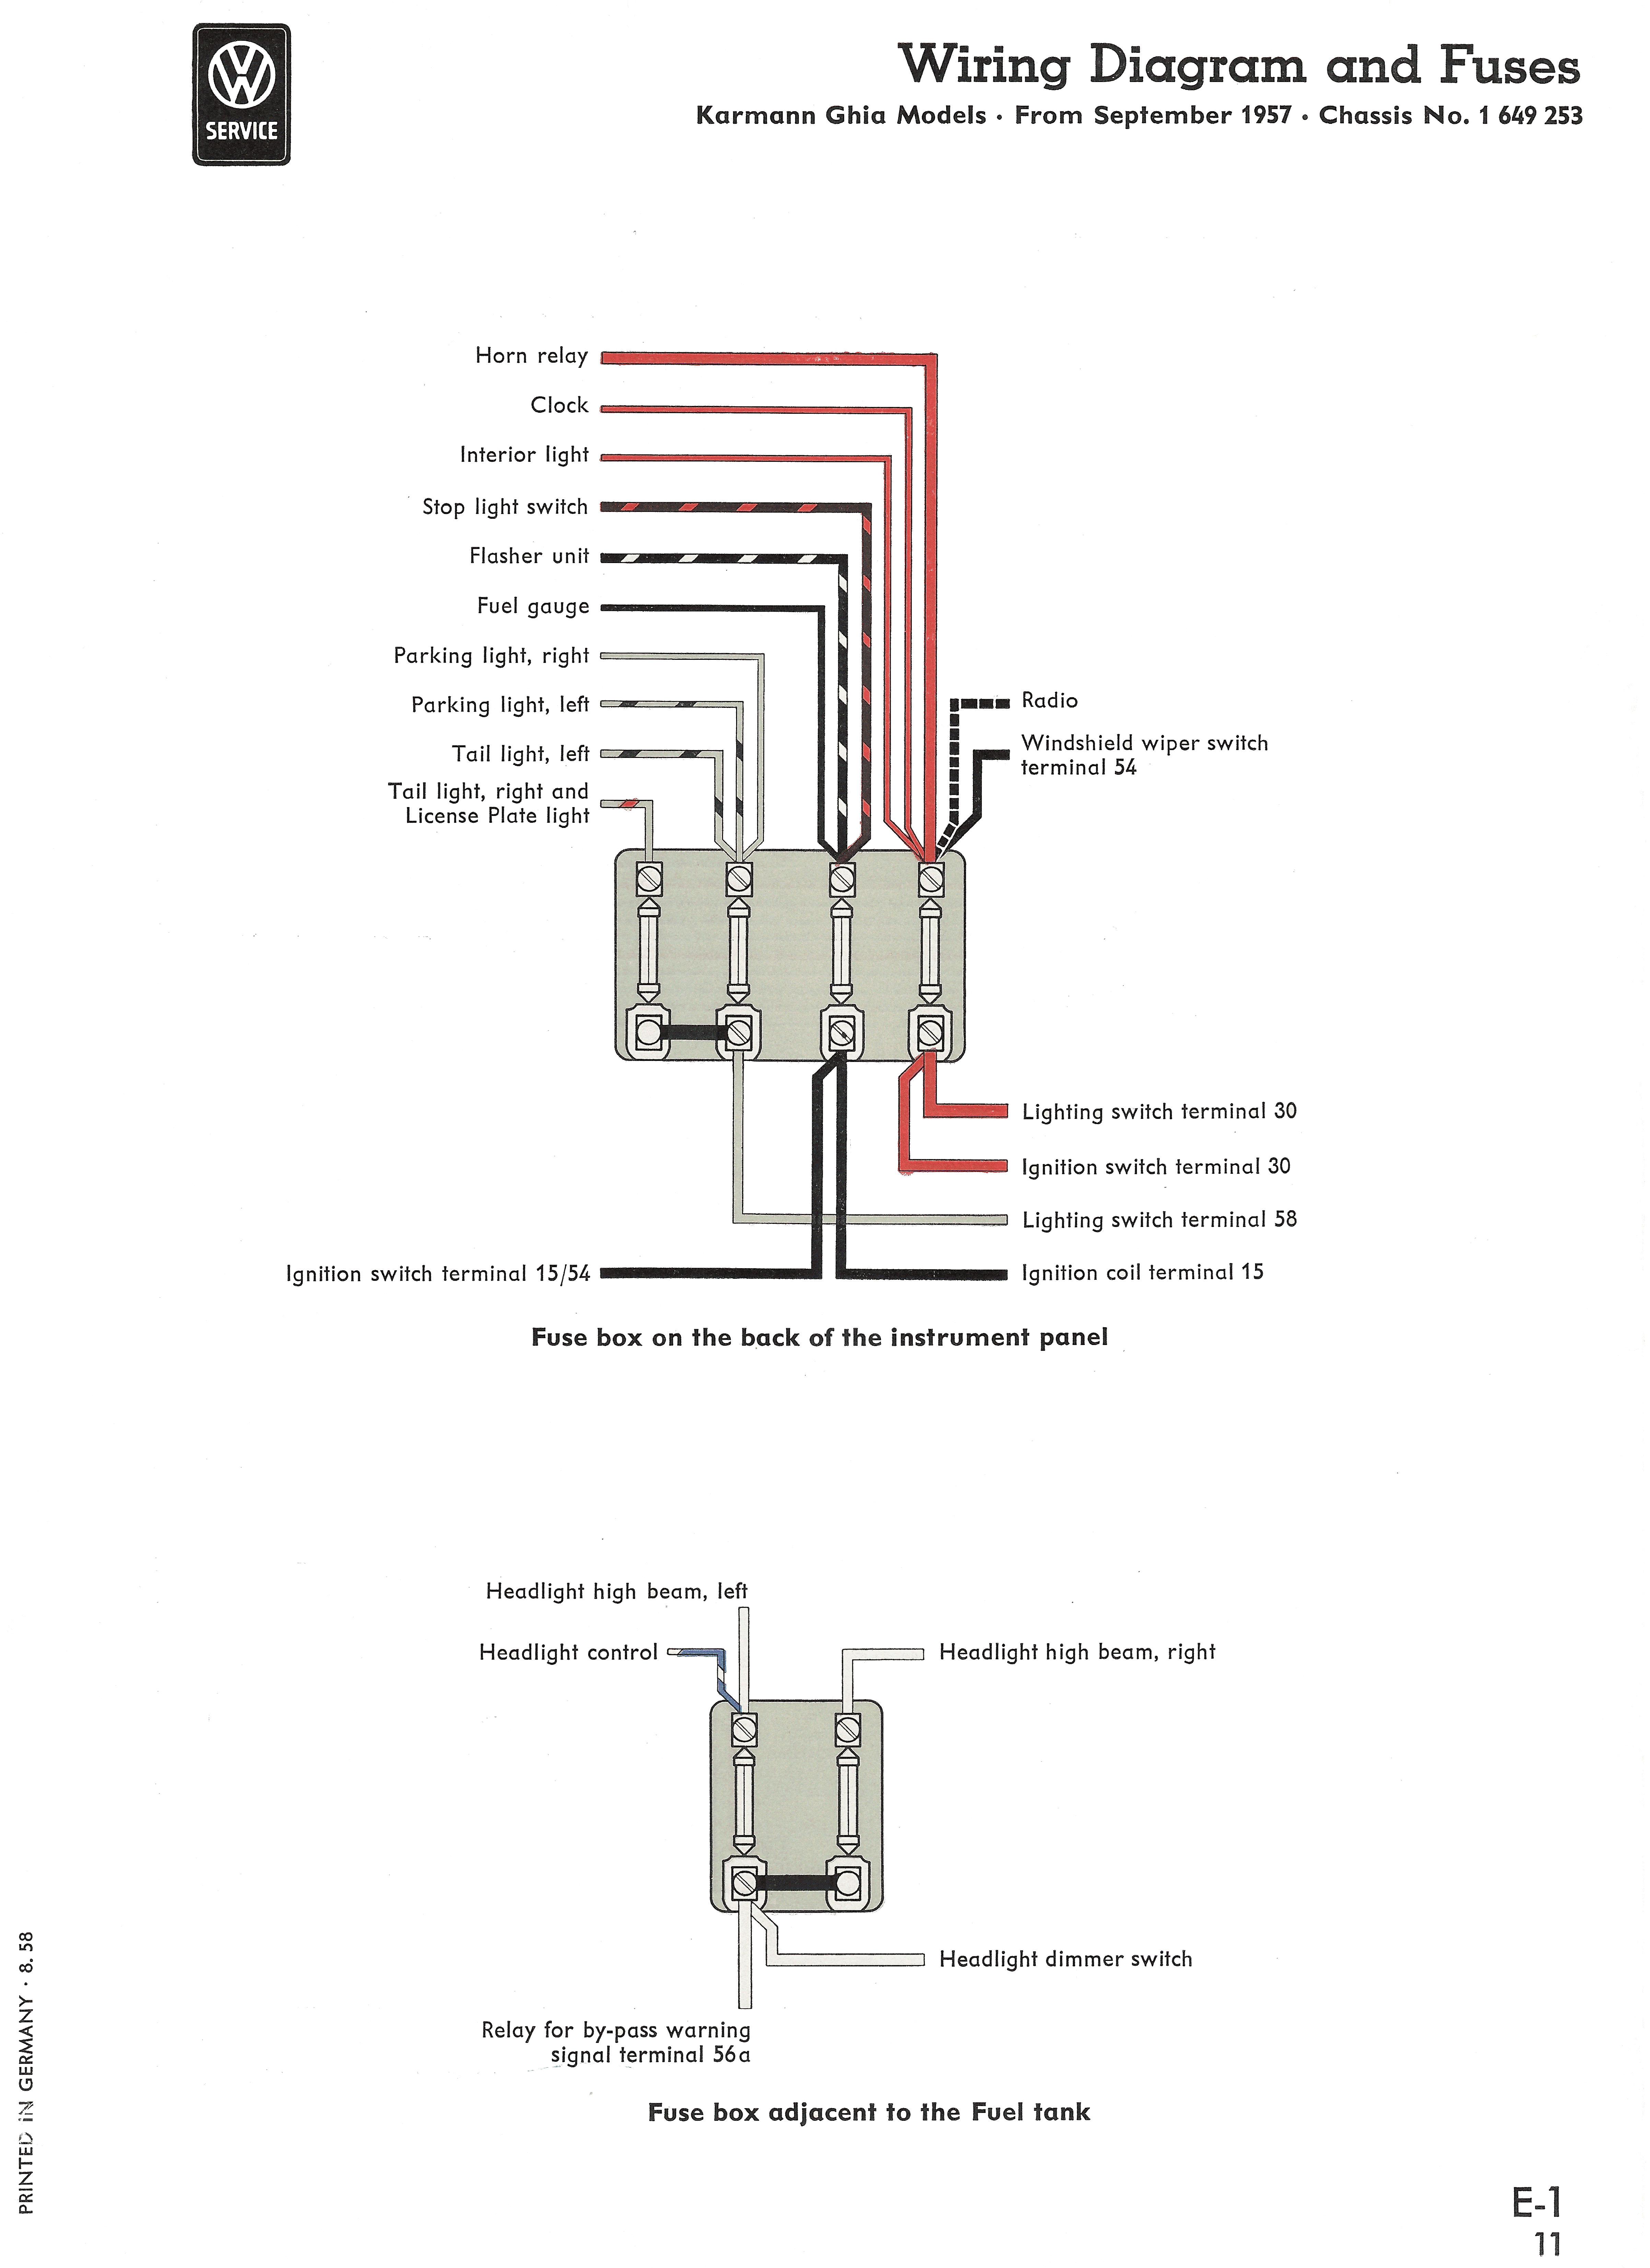 1971 Karmann Ghia Wiring Diagram 1968 Karmann Ghia Fuse Box Manual E Book